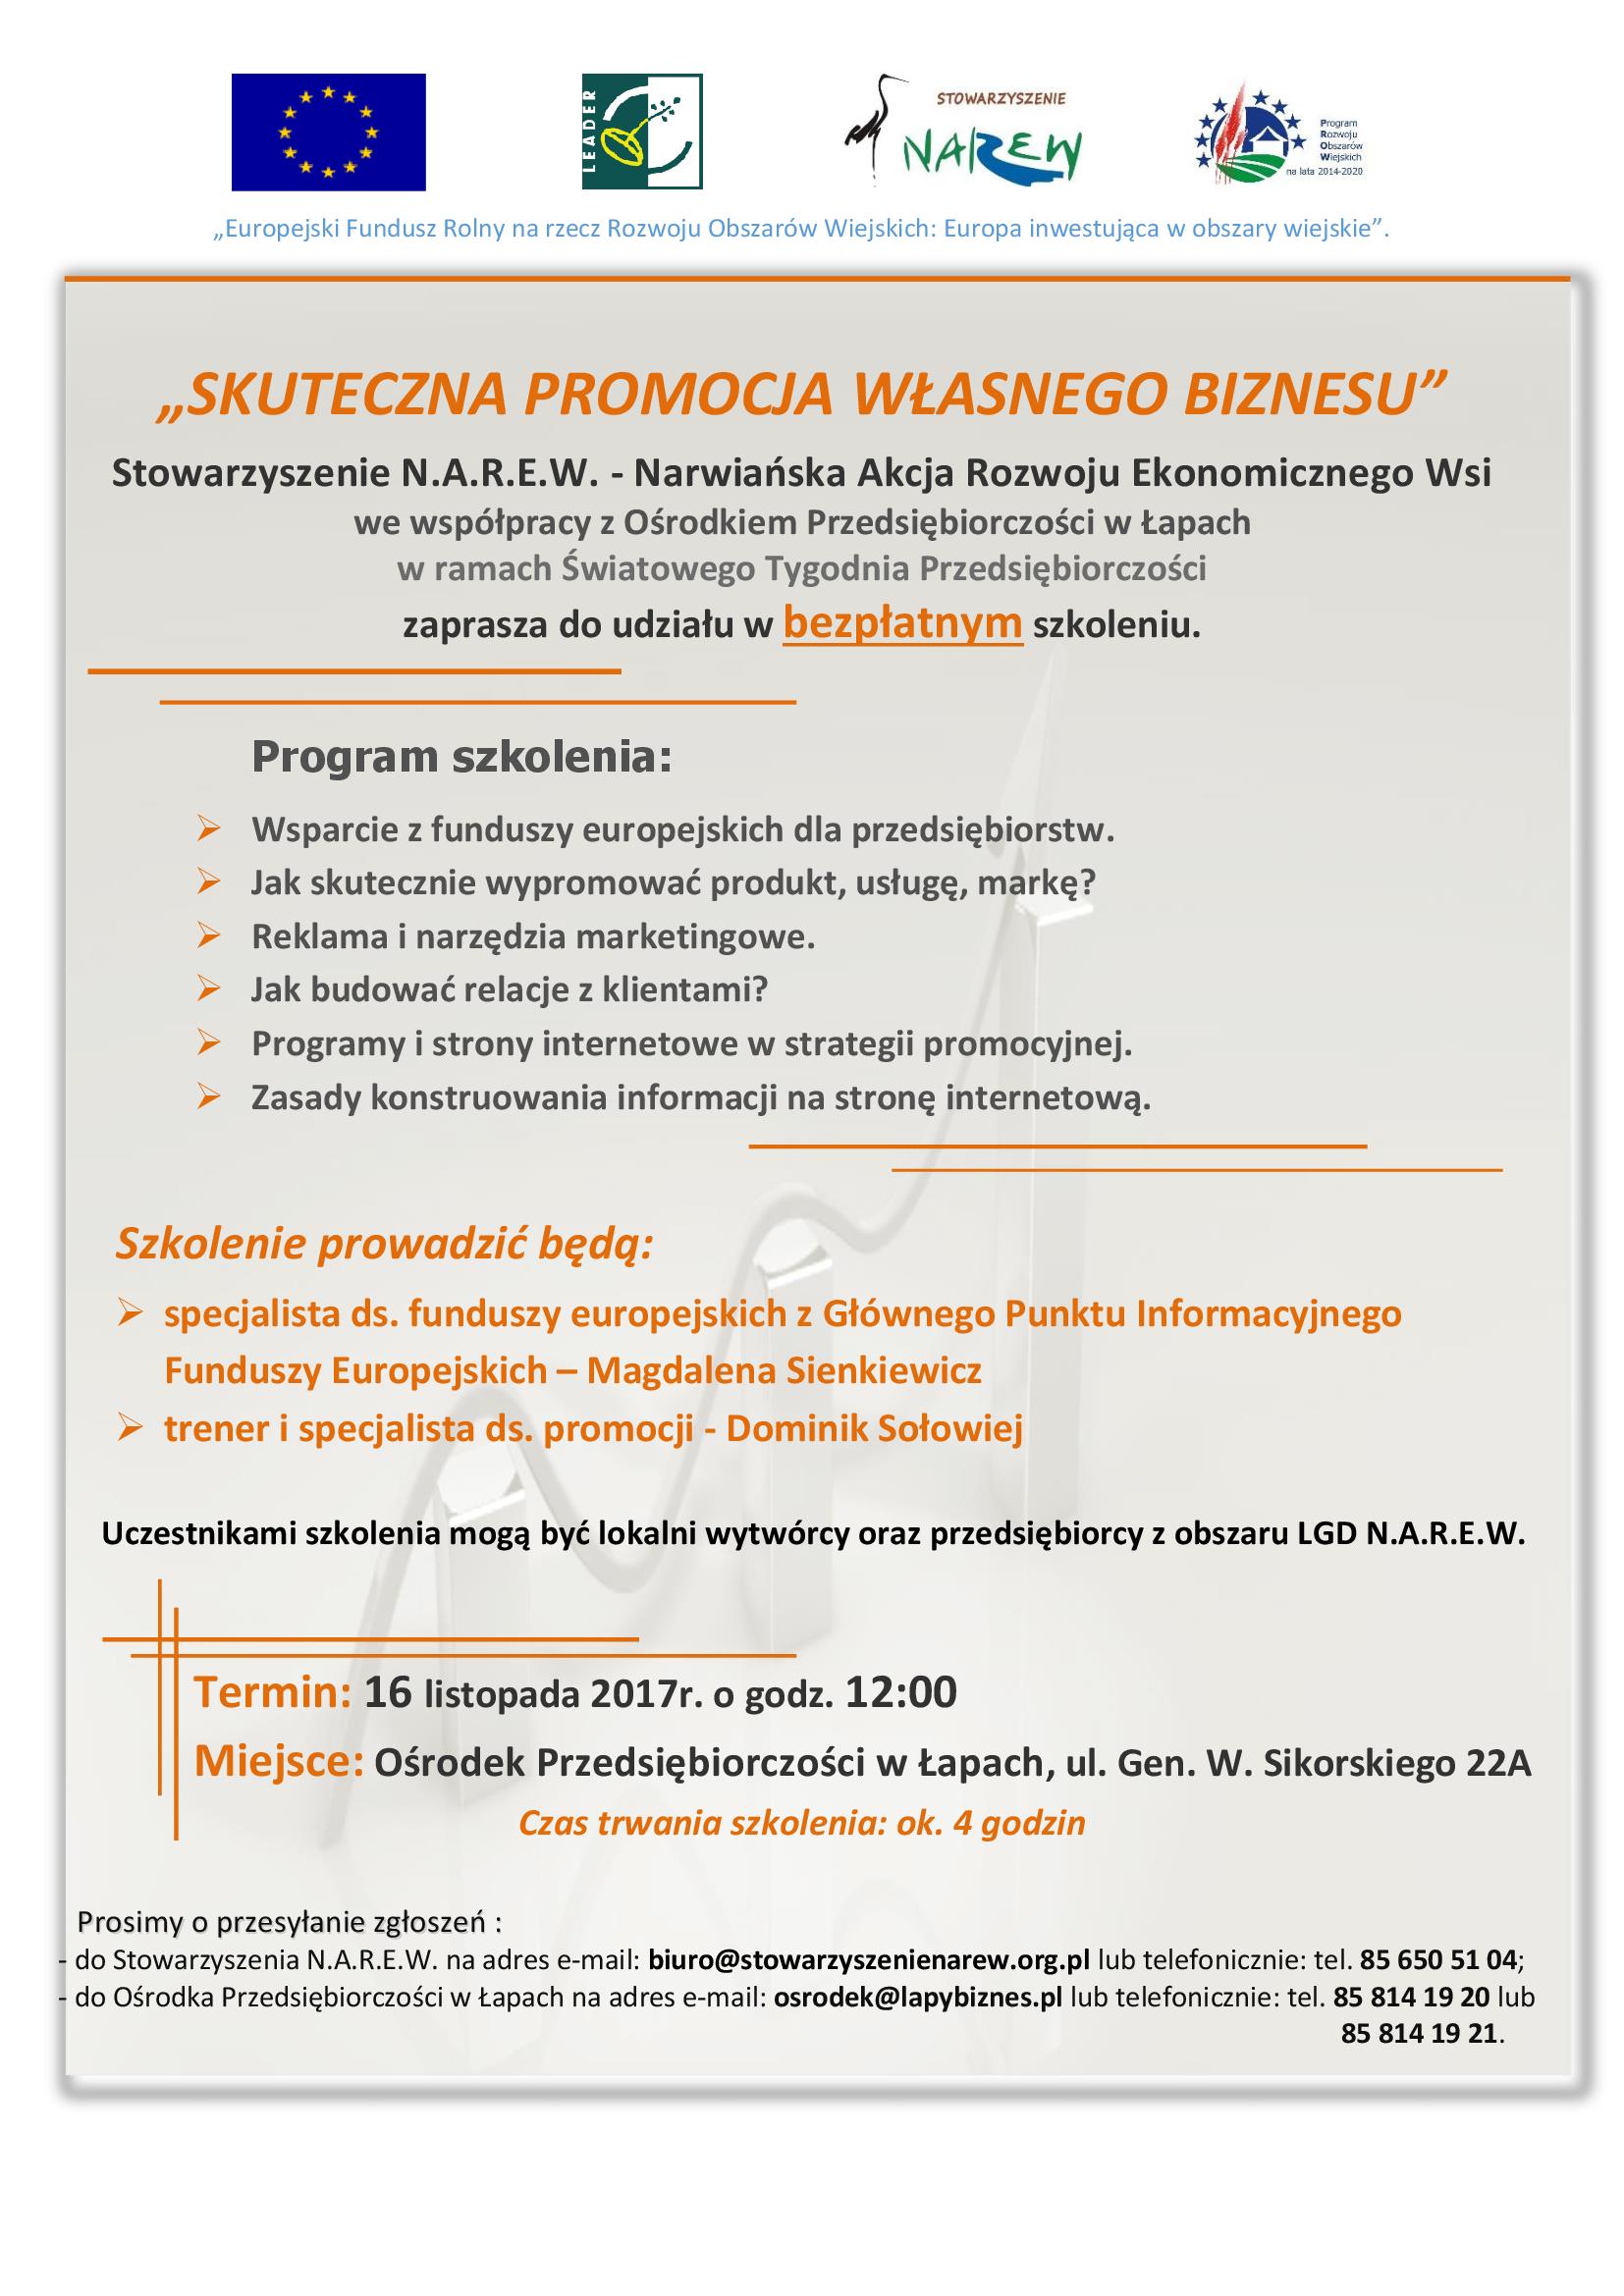 Bezpłatne szkolenie pt.˝Skuteczna promocja  własnego biznesu˝